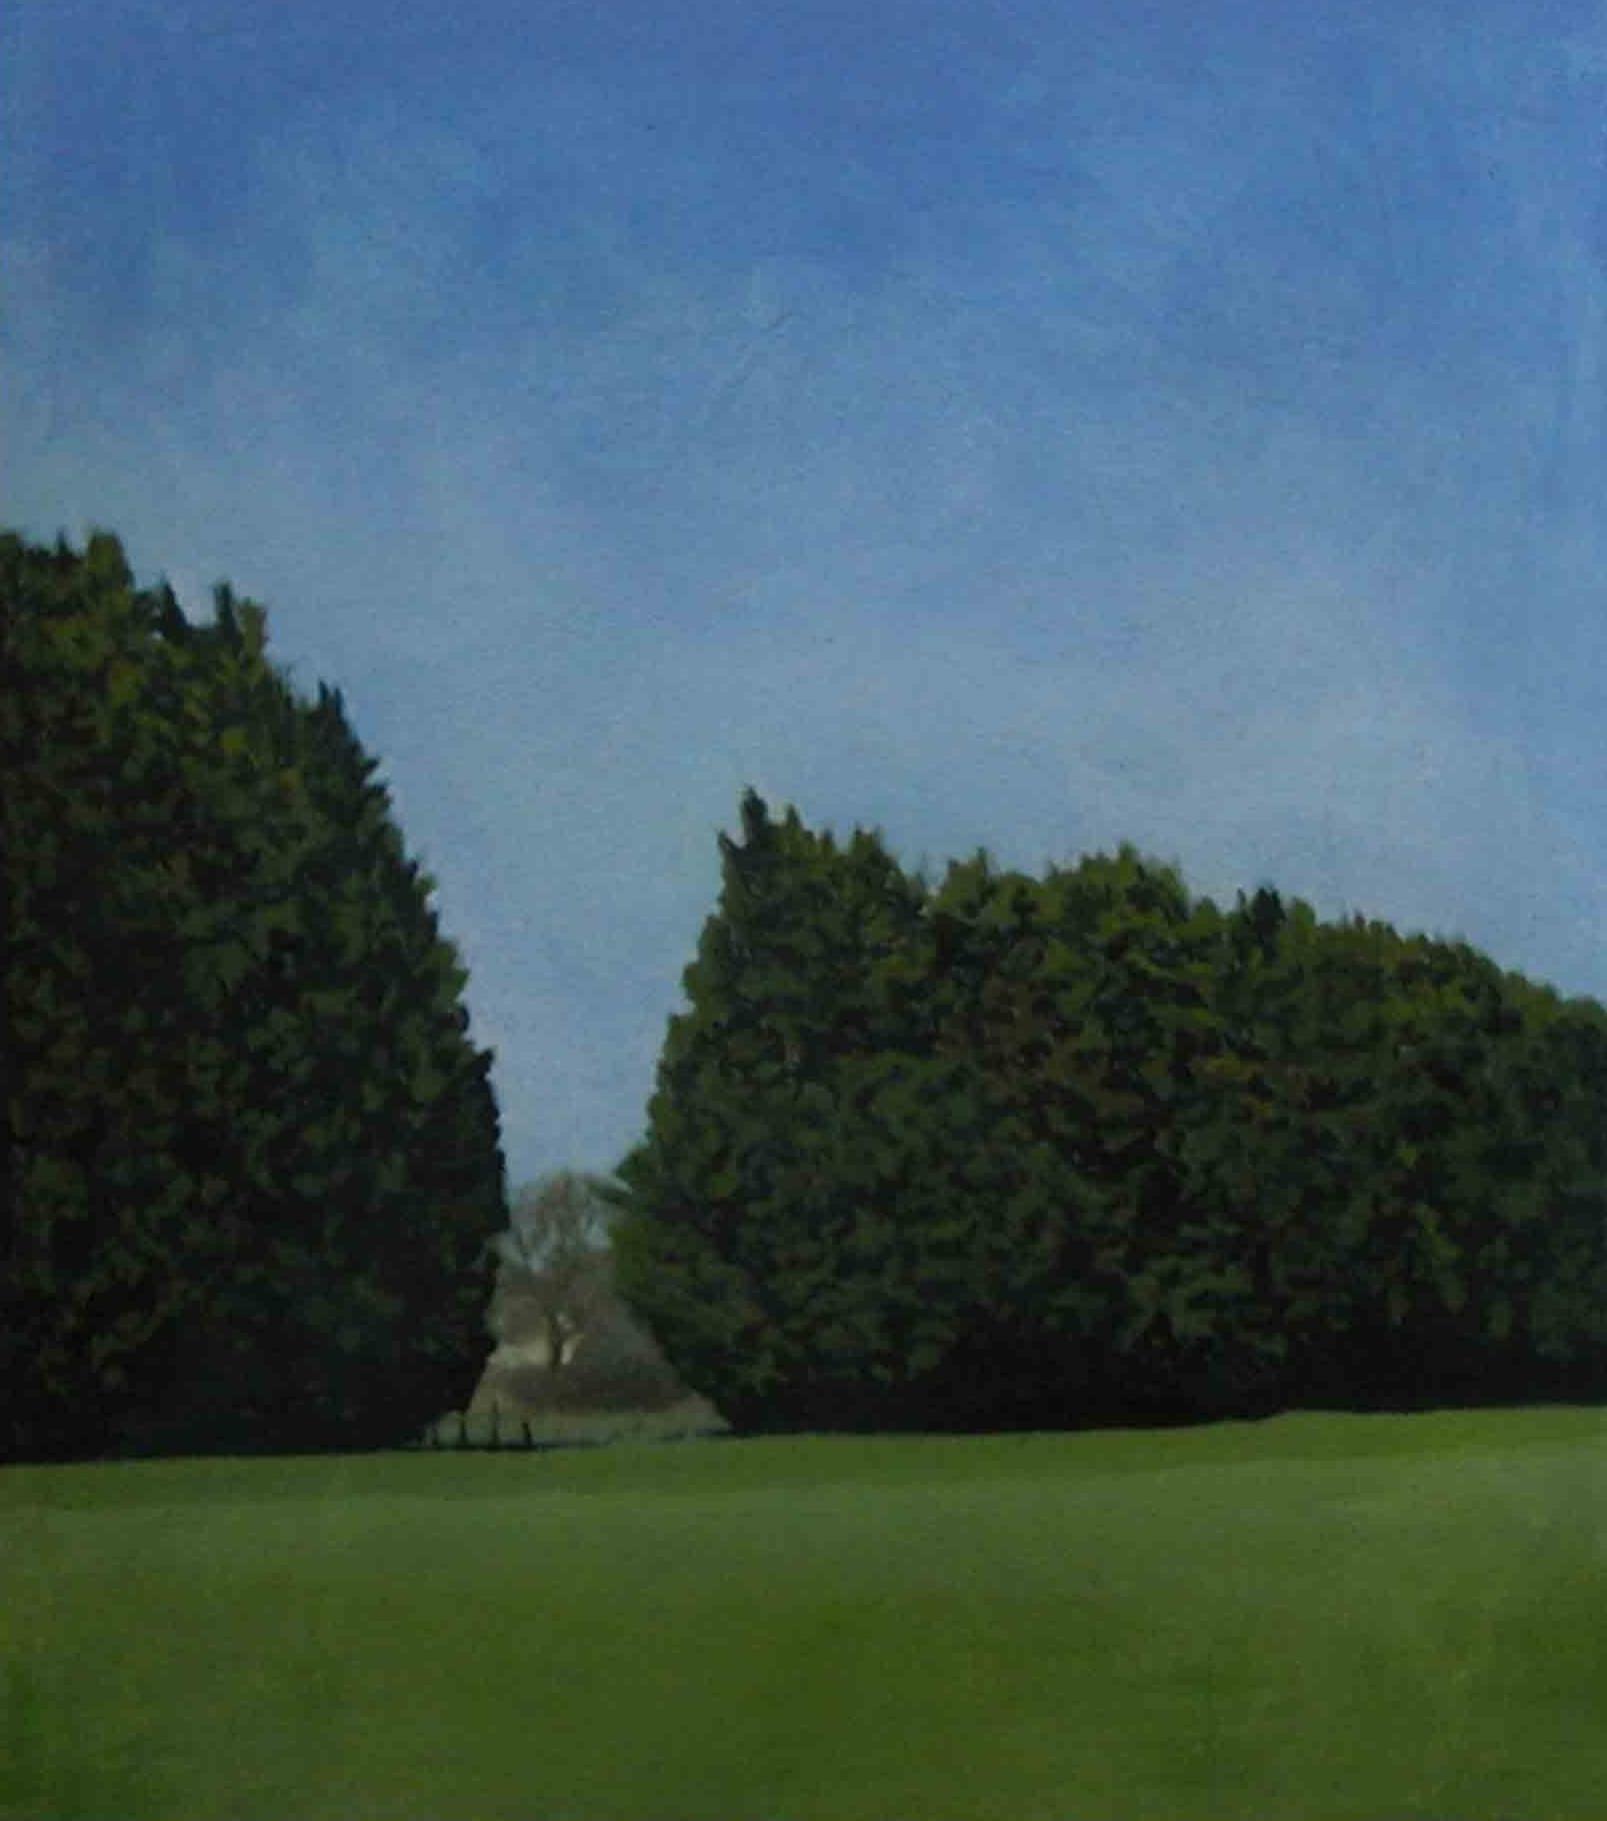 Alistair Teale Wind Break 34 x 38 cm oil on paper S O L D